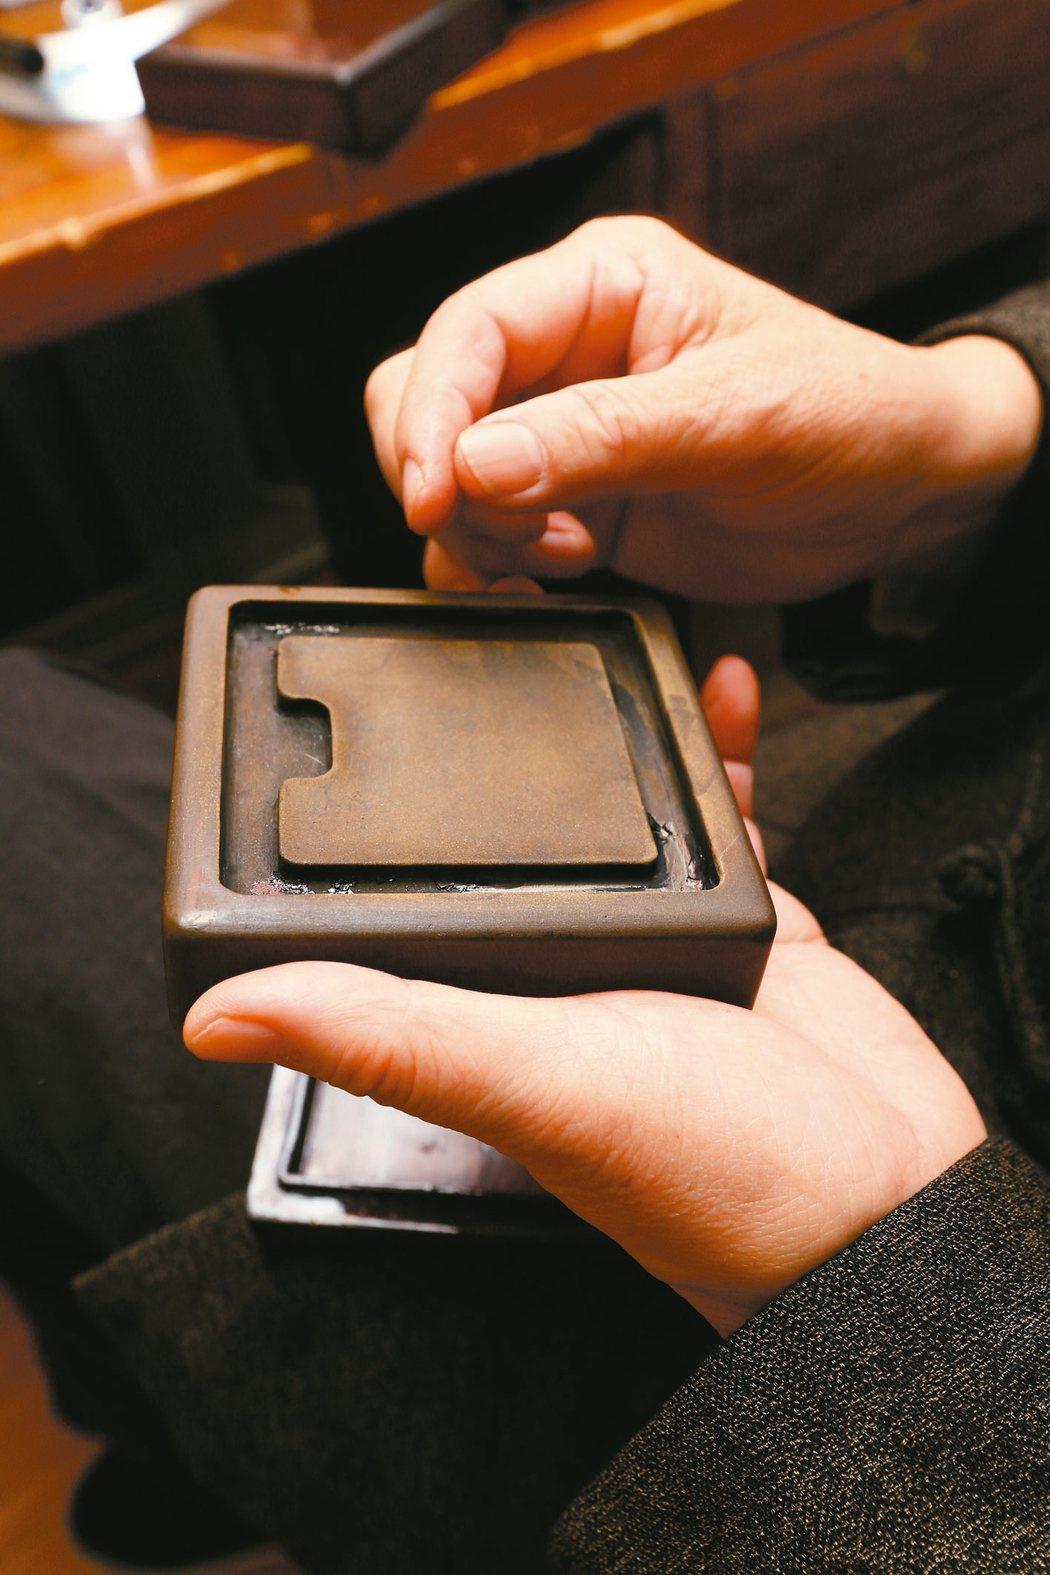 亮軒展示他收藏的硯石。 圖╱本報記者曾學仁攝影